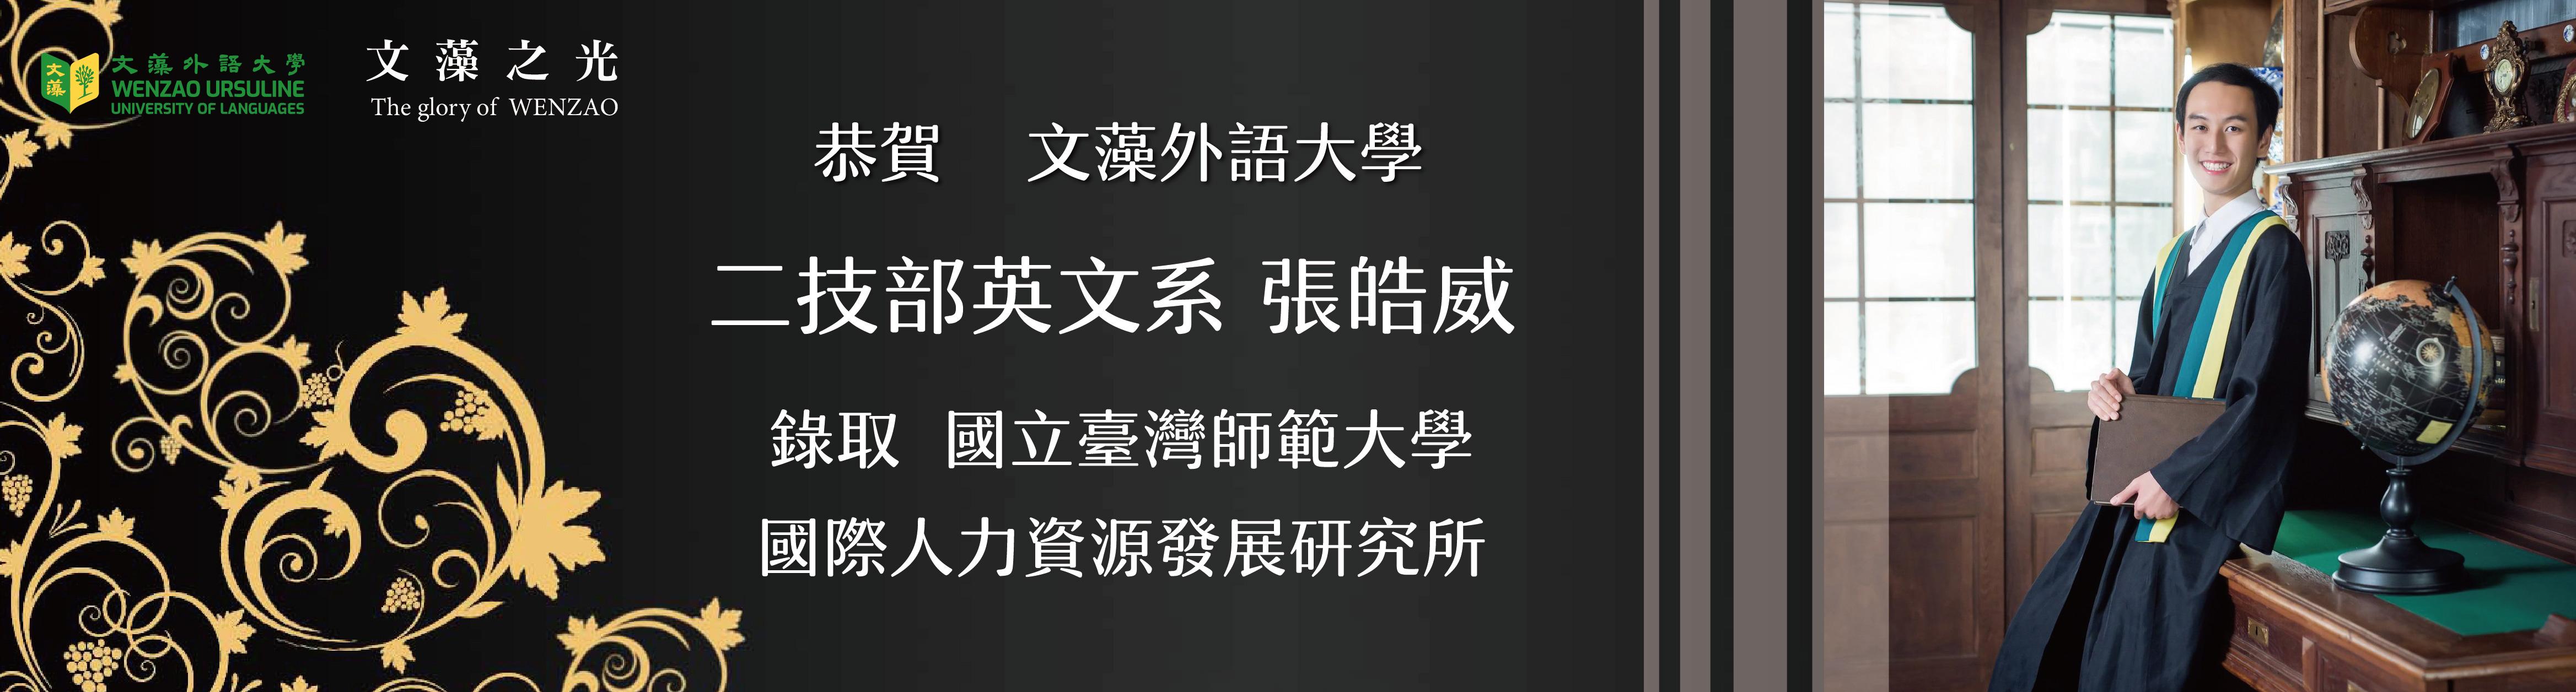 英文系皓威錄取台師大banner(另開新視窗)